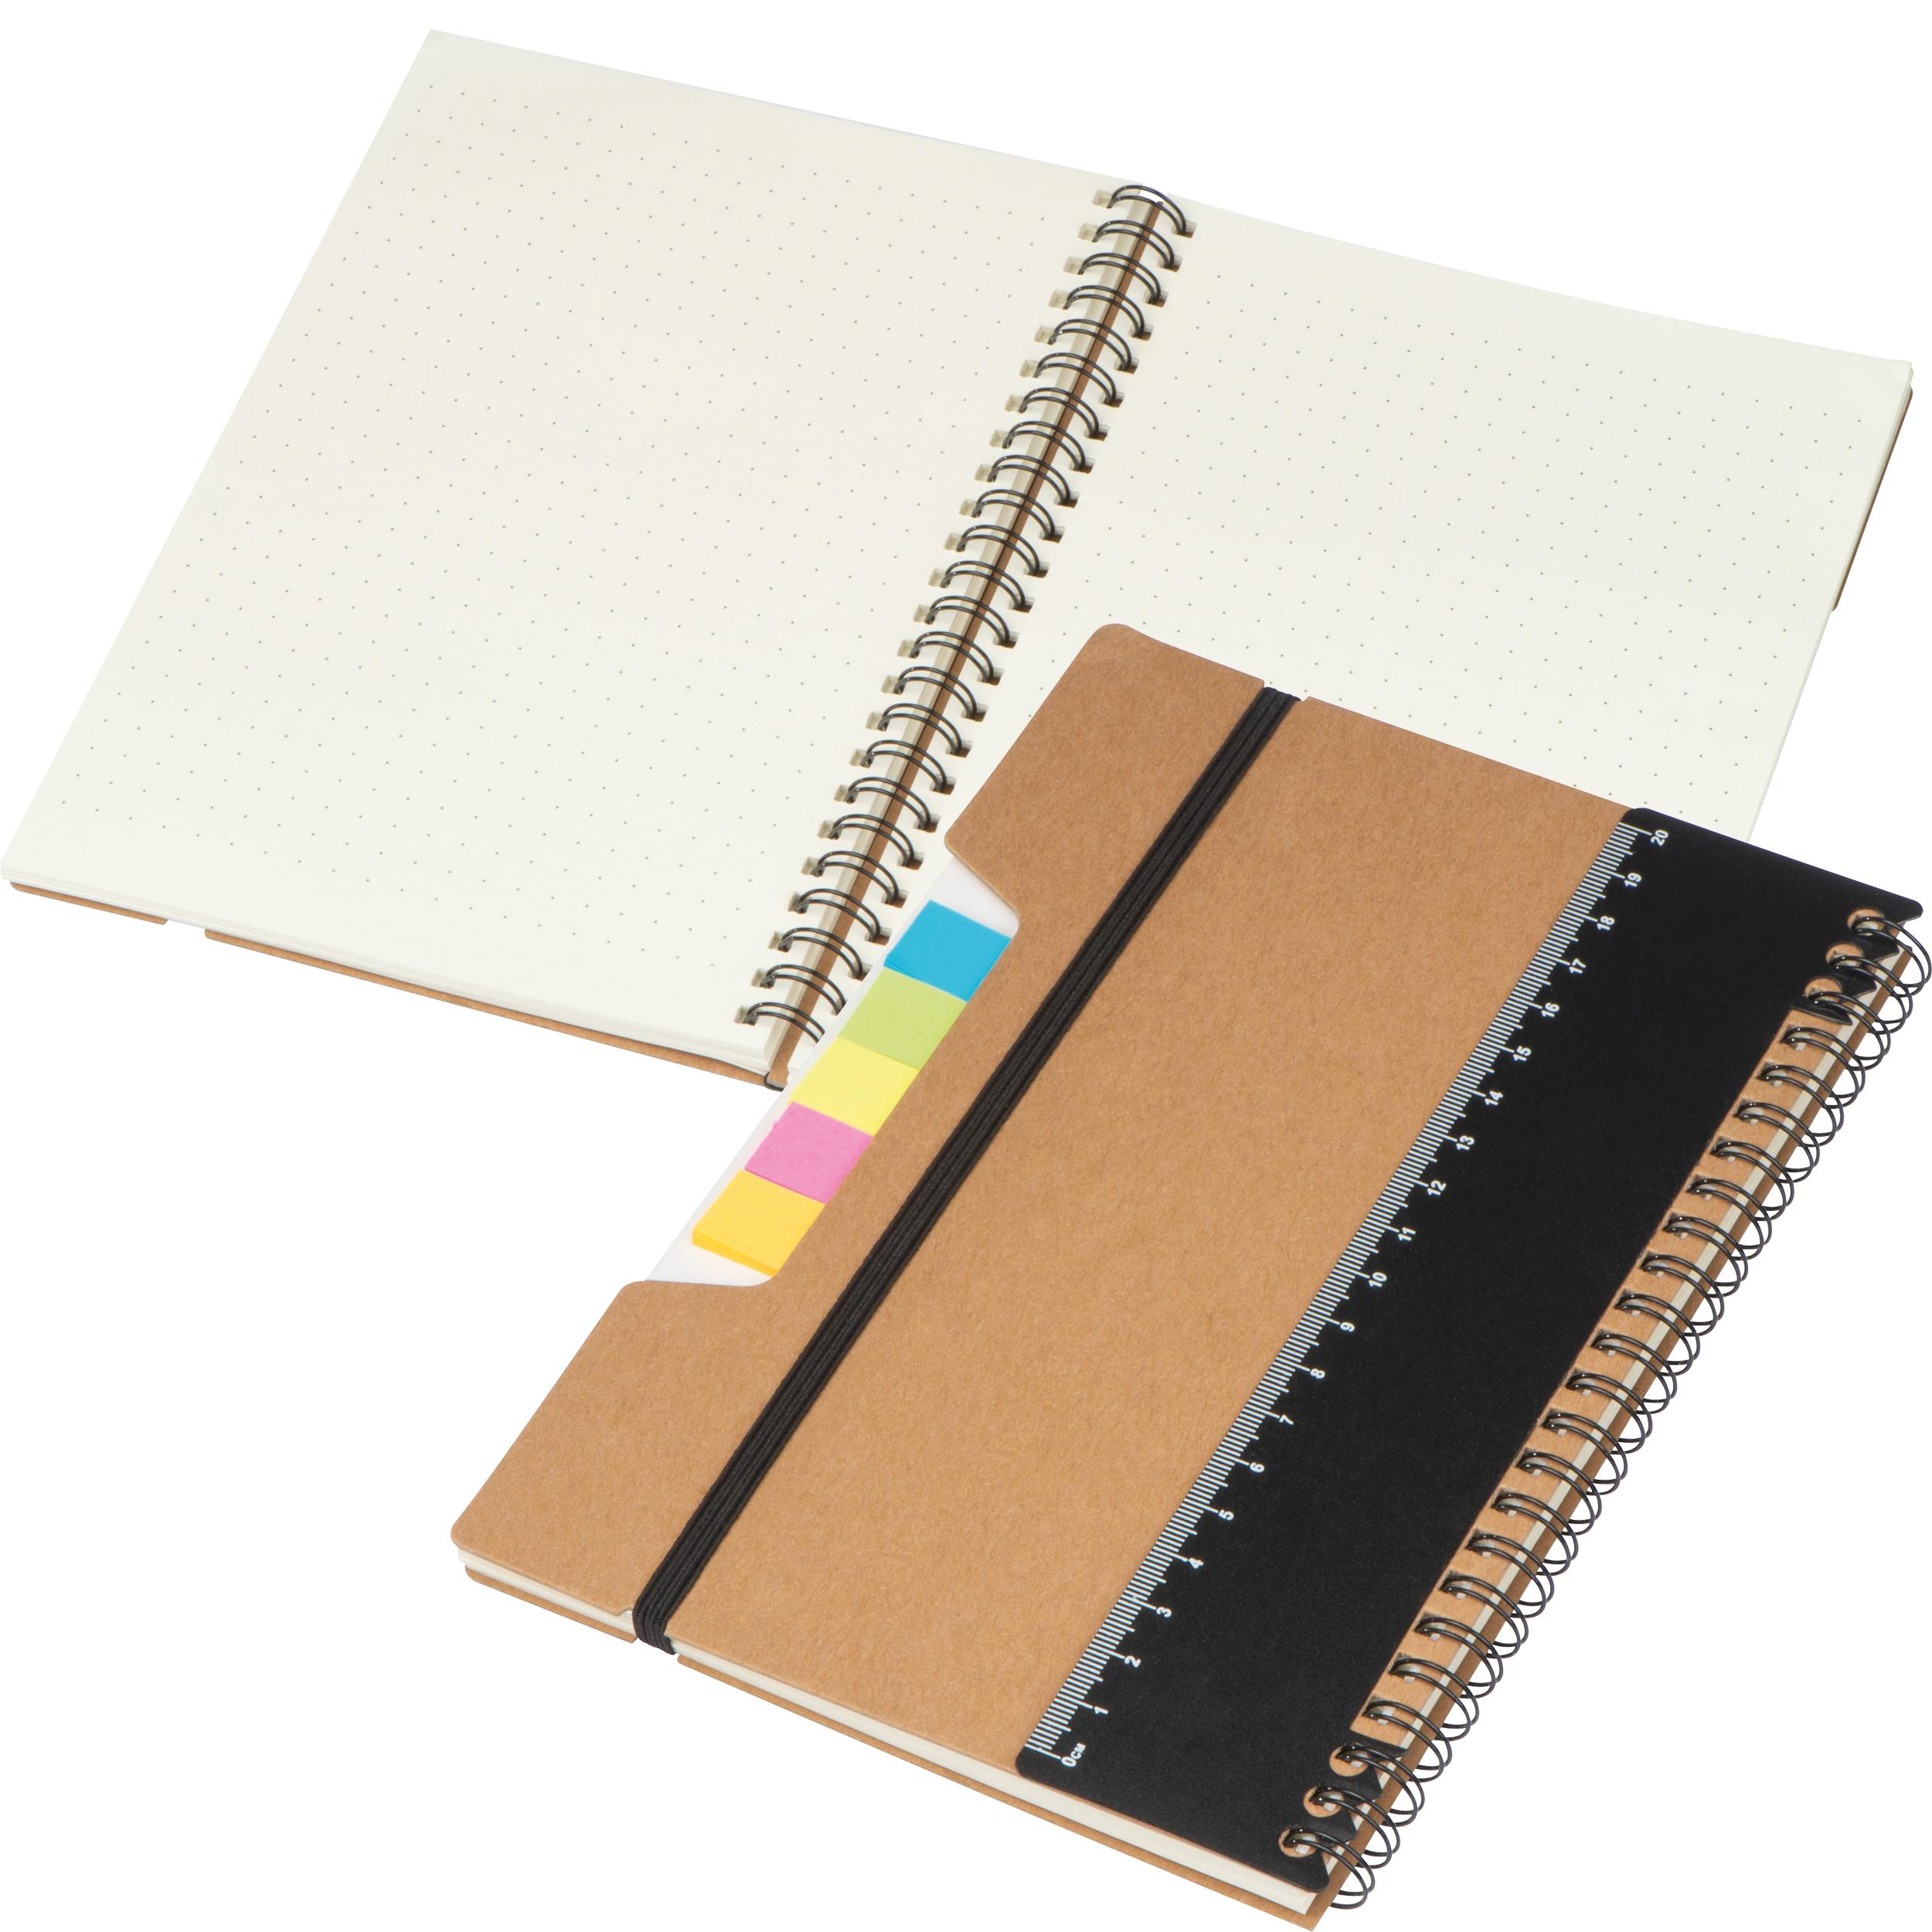 Notizbuch mit Haftnotizen, Ringbuch, Lineal und Gummiband zum Verschließen